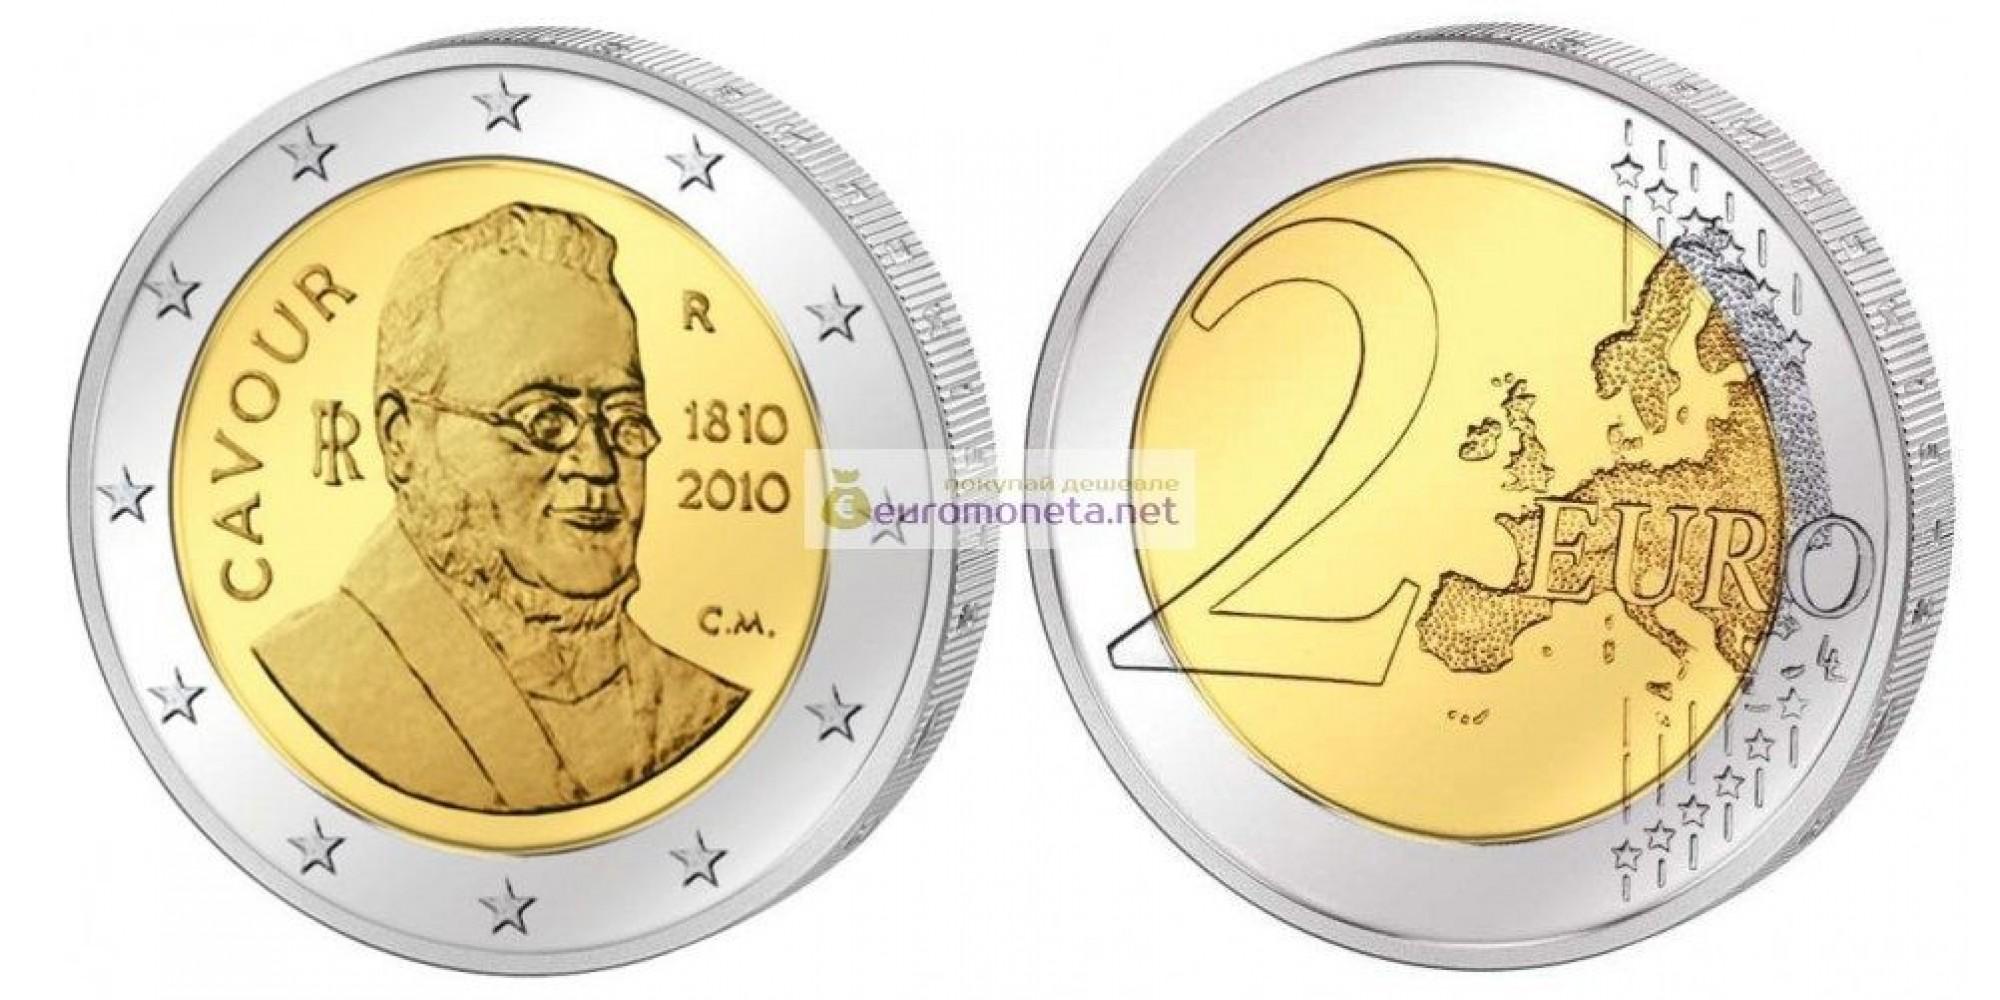 Италия 2 евро 2010 год UNC 200 лет со дня рождения Камилло Кавура, биметалл